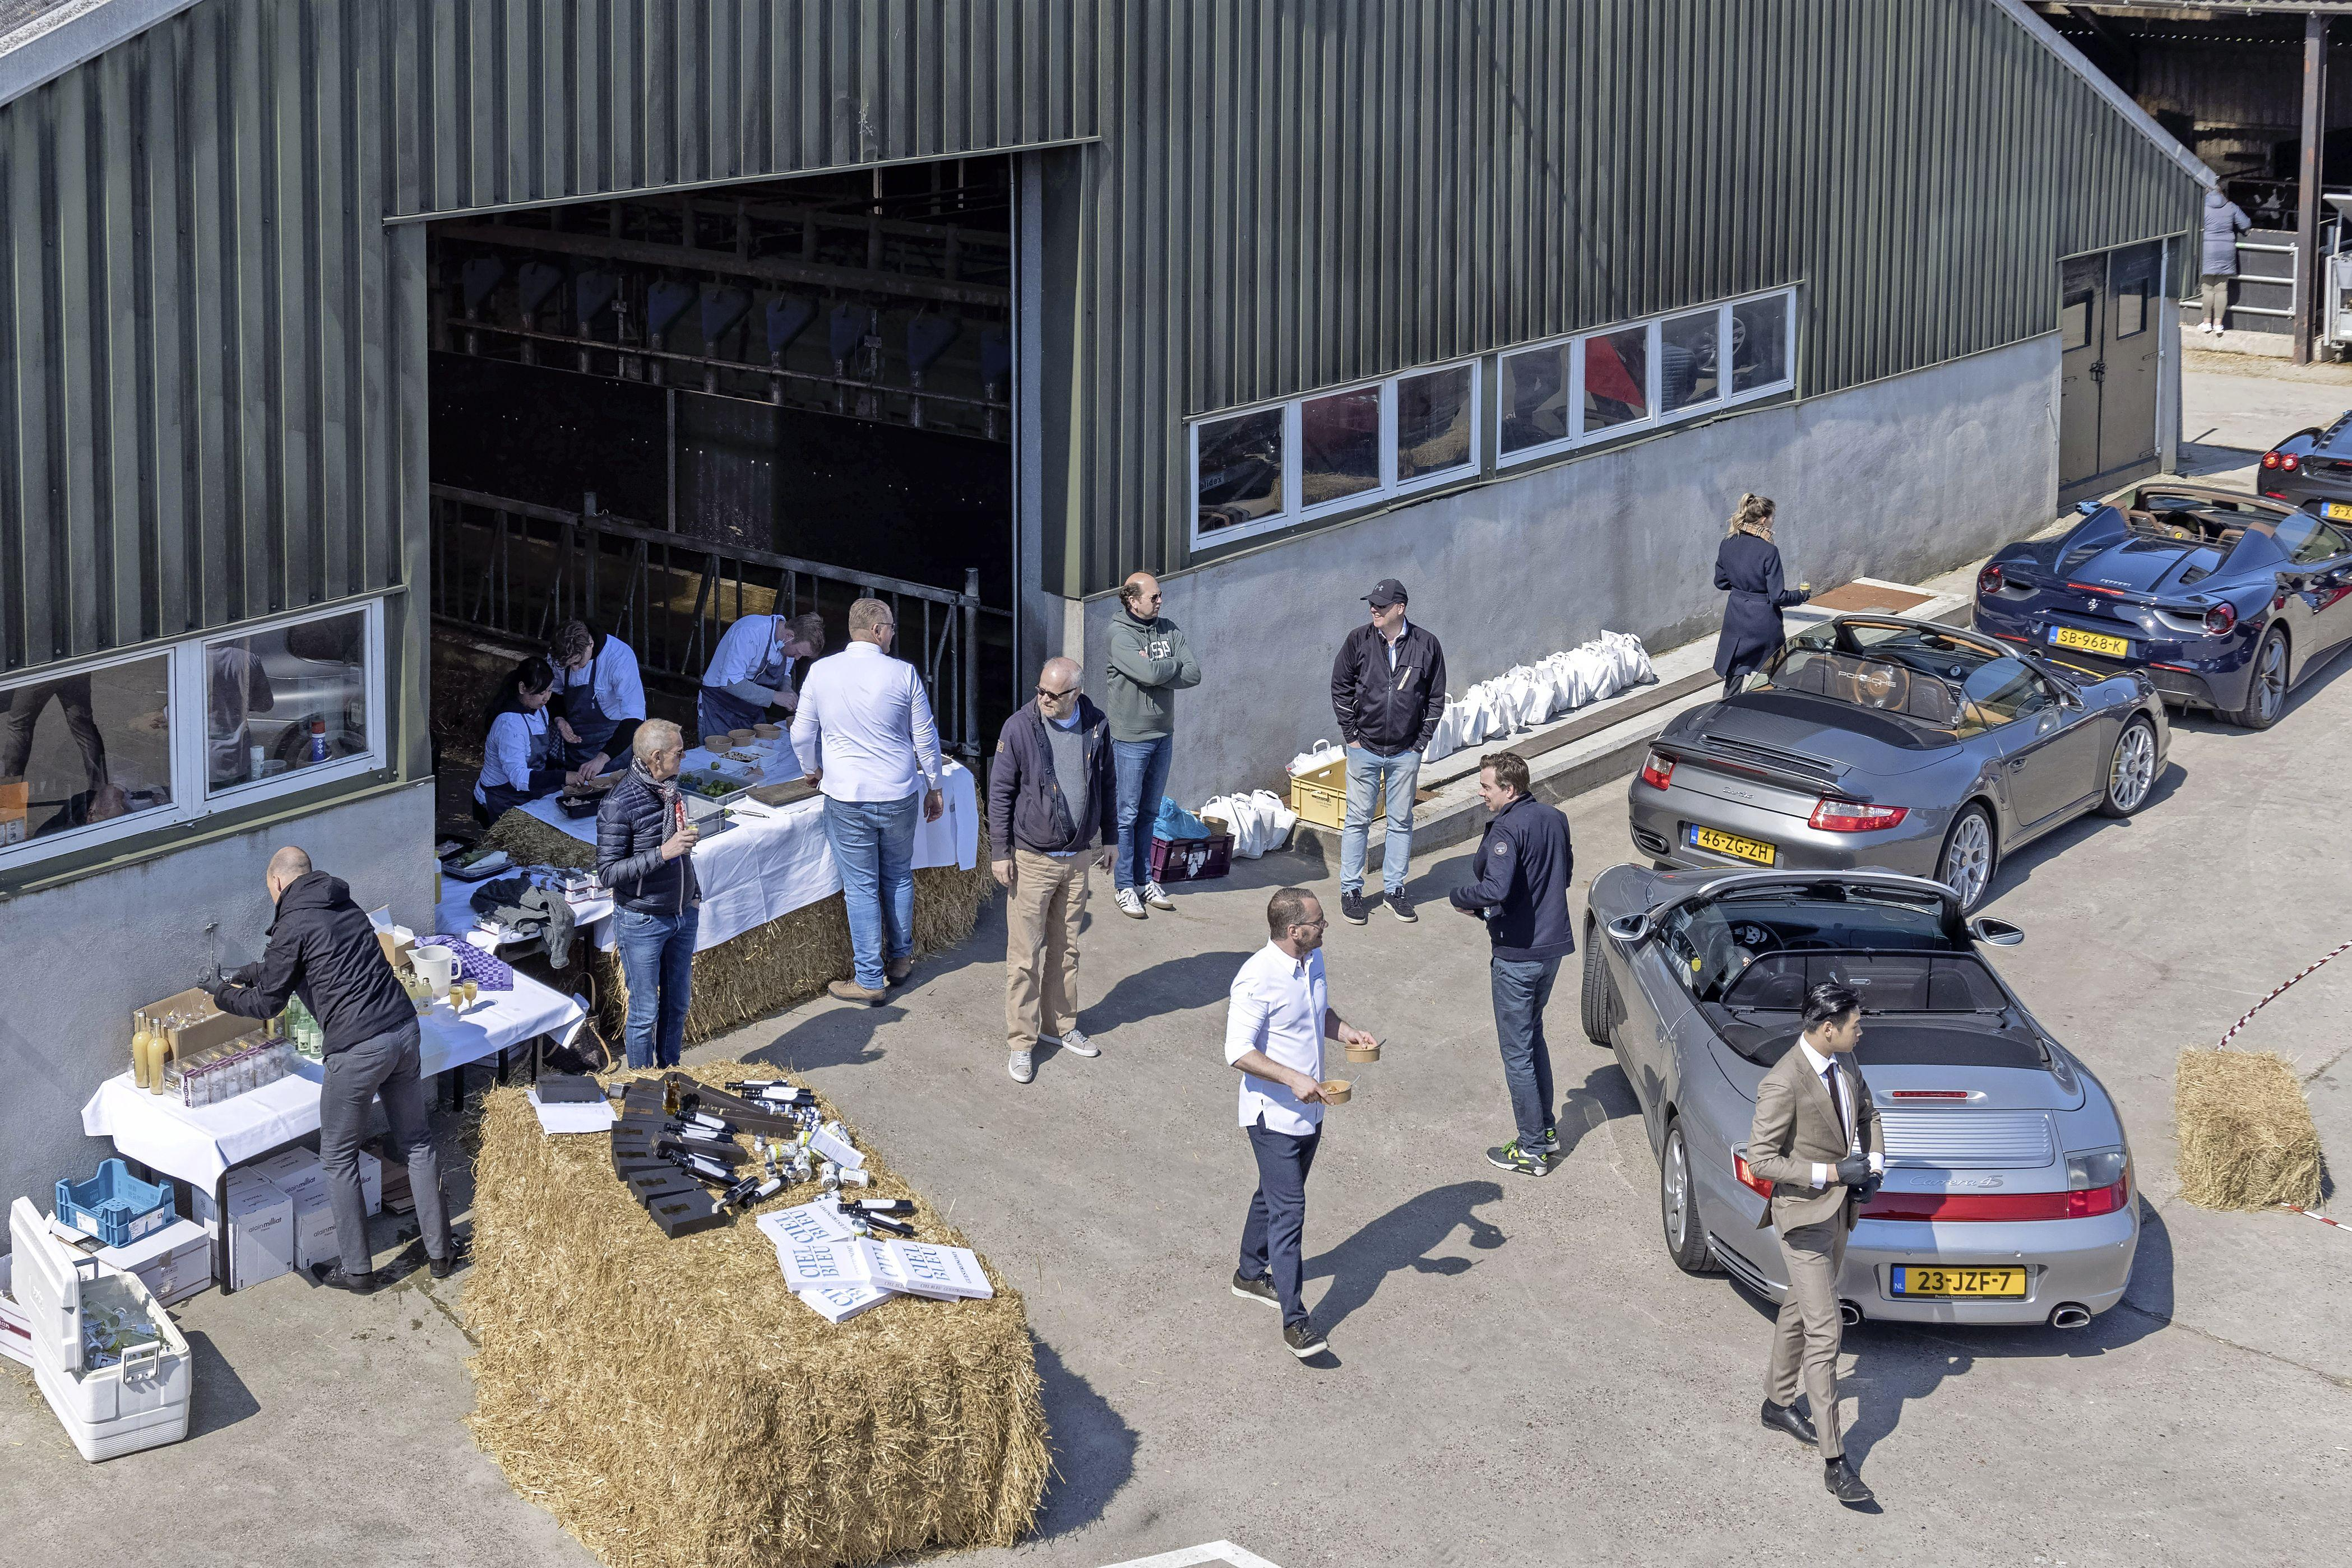 Koken tussen de koeien voor culinaire rondrit: Rens Kooijman van Heerlijke Koe is onder de indruk van wat er allemaal gebeurt